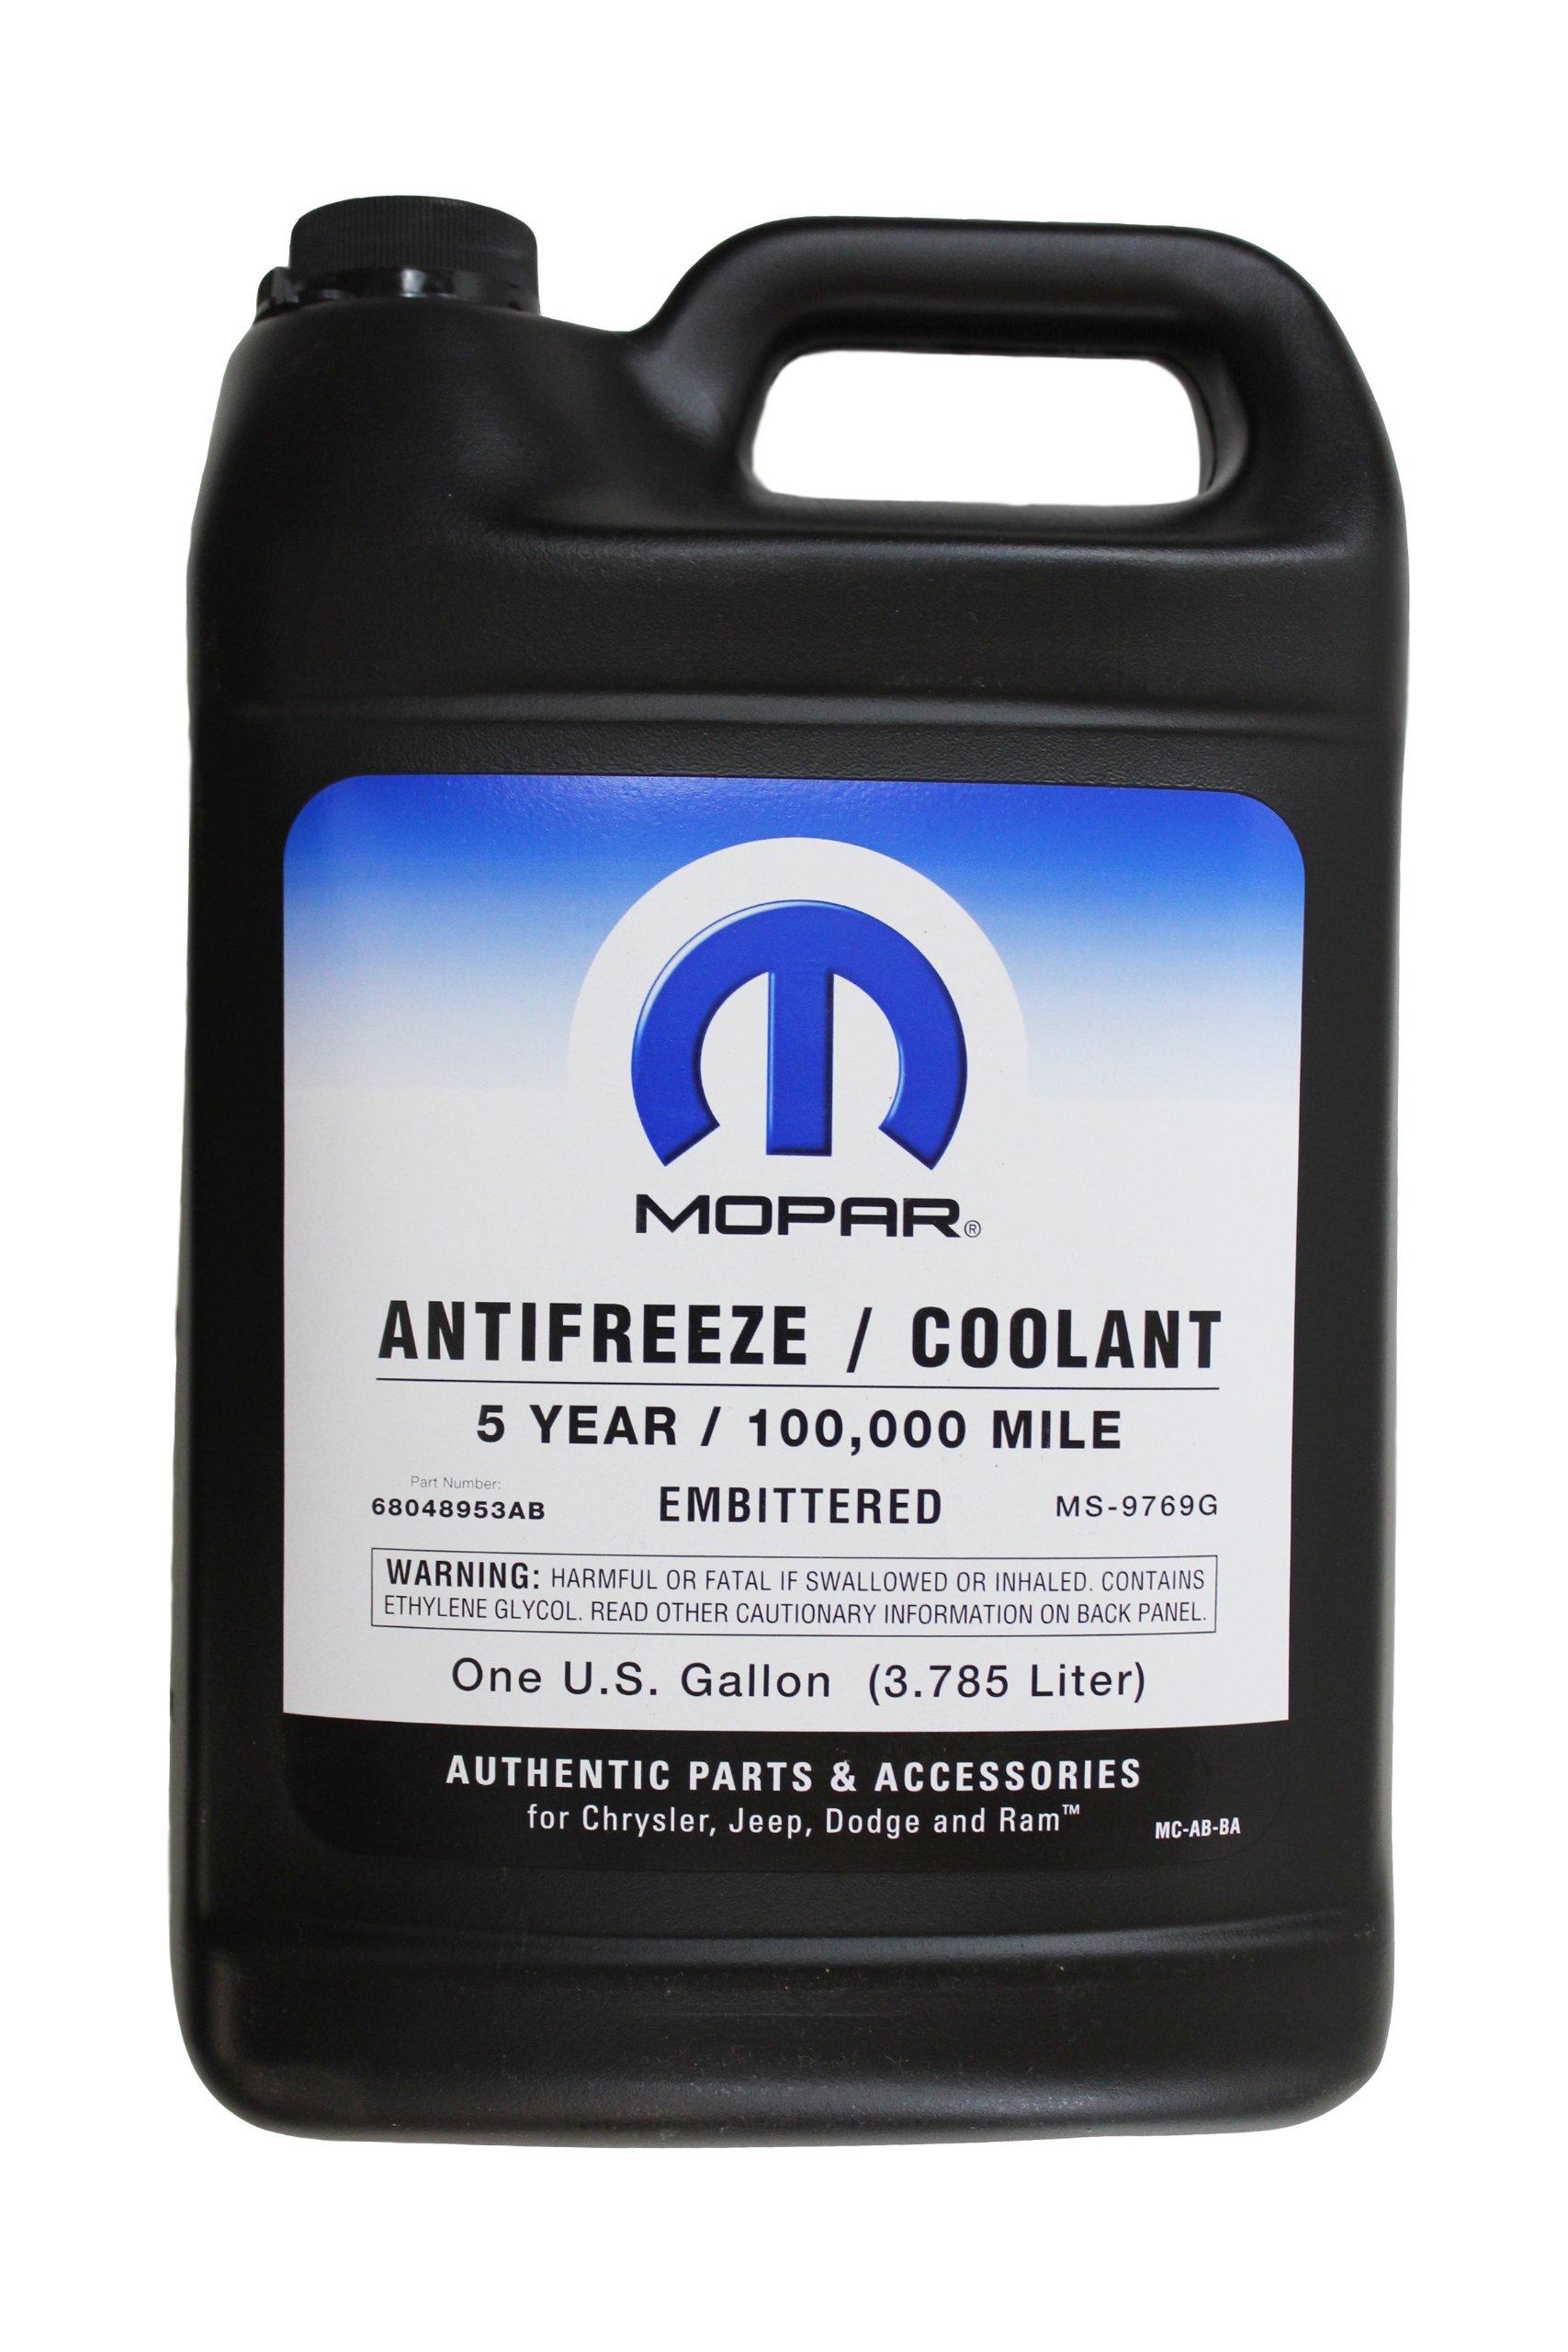 Genuine Mopar Fluid 68048953AB Antifreeze/Coolant - 1 Gallon Bottle by Genuine Mopar